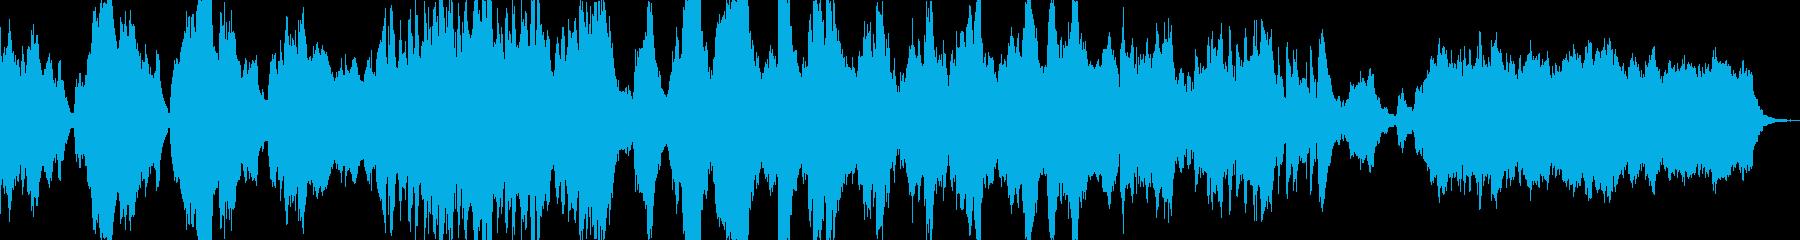 緊張感のあるピアノとストリングスの再生済みの波形